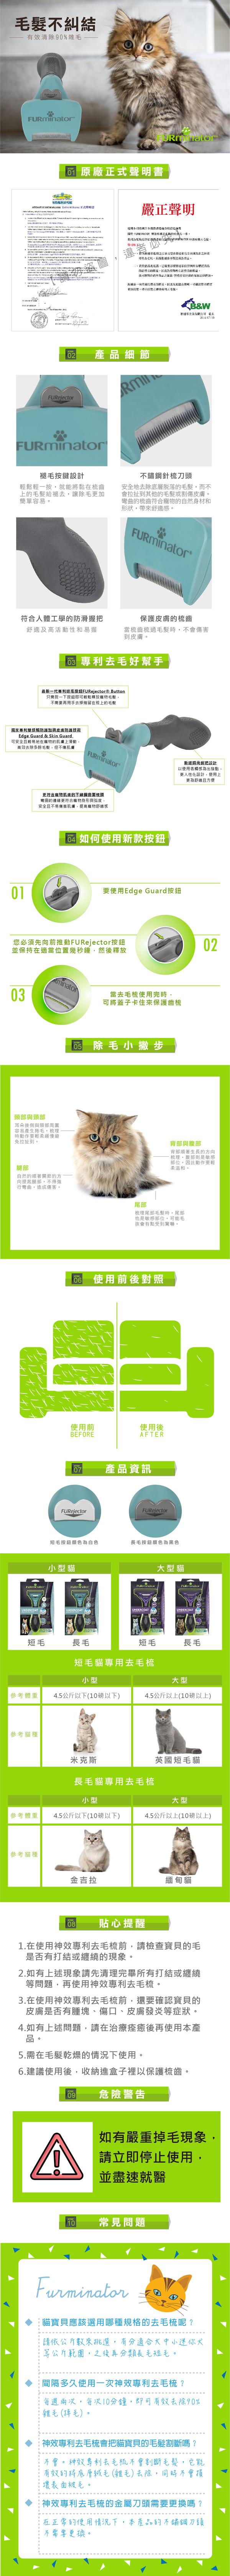 神效專利去毛梳-長毛小型貓 4048422141228